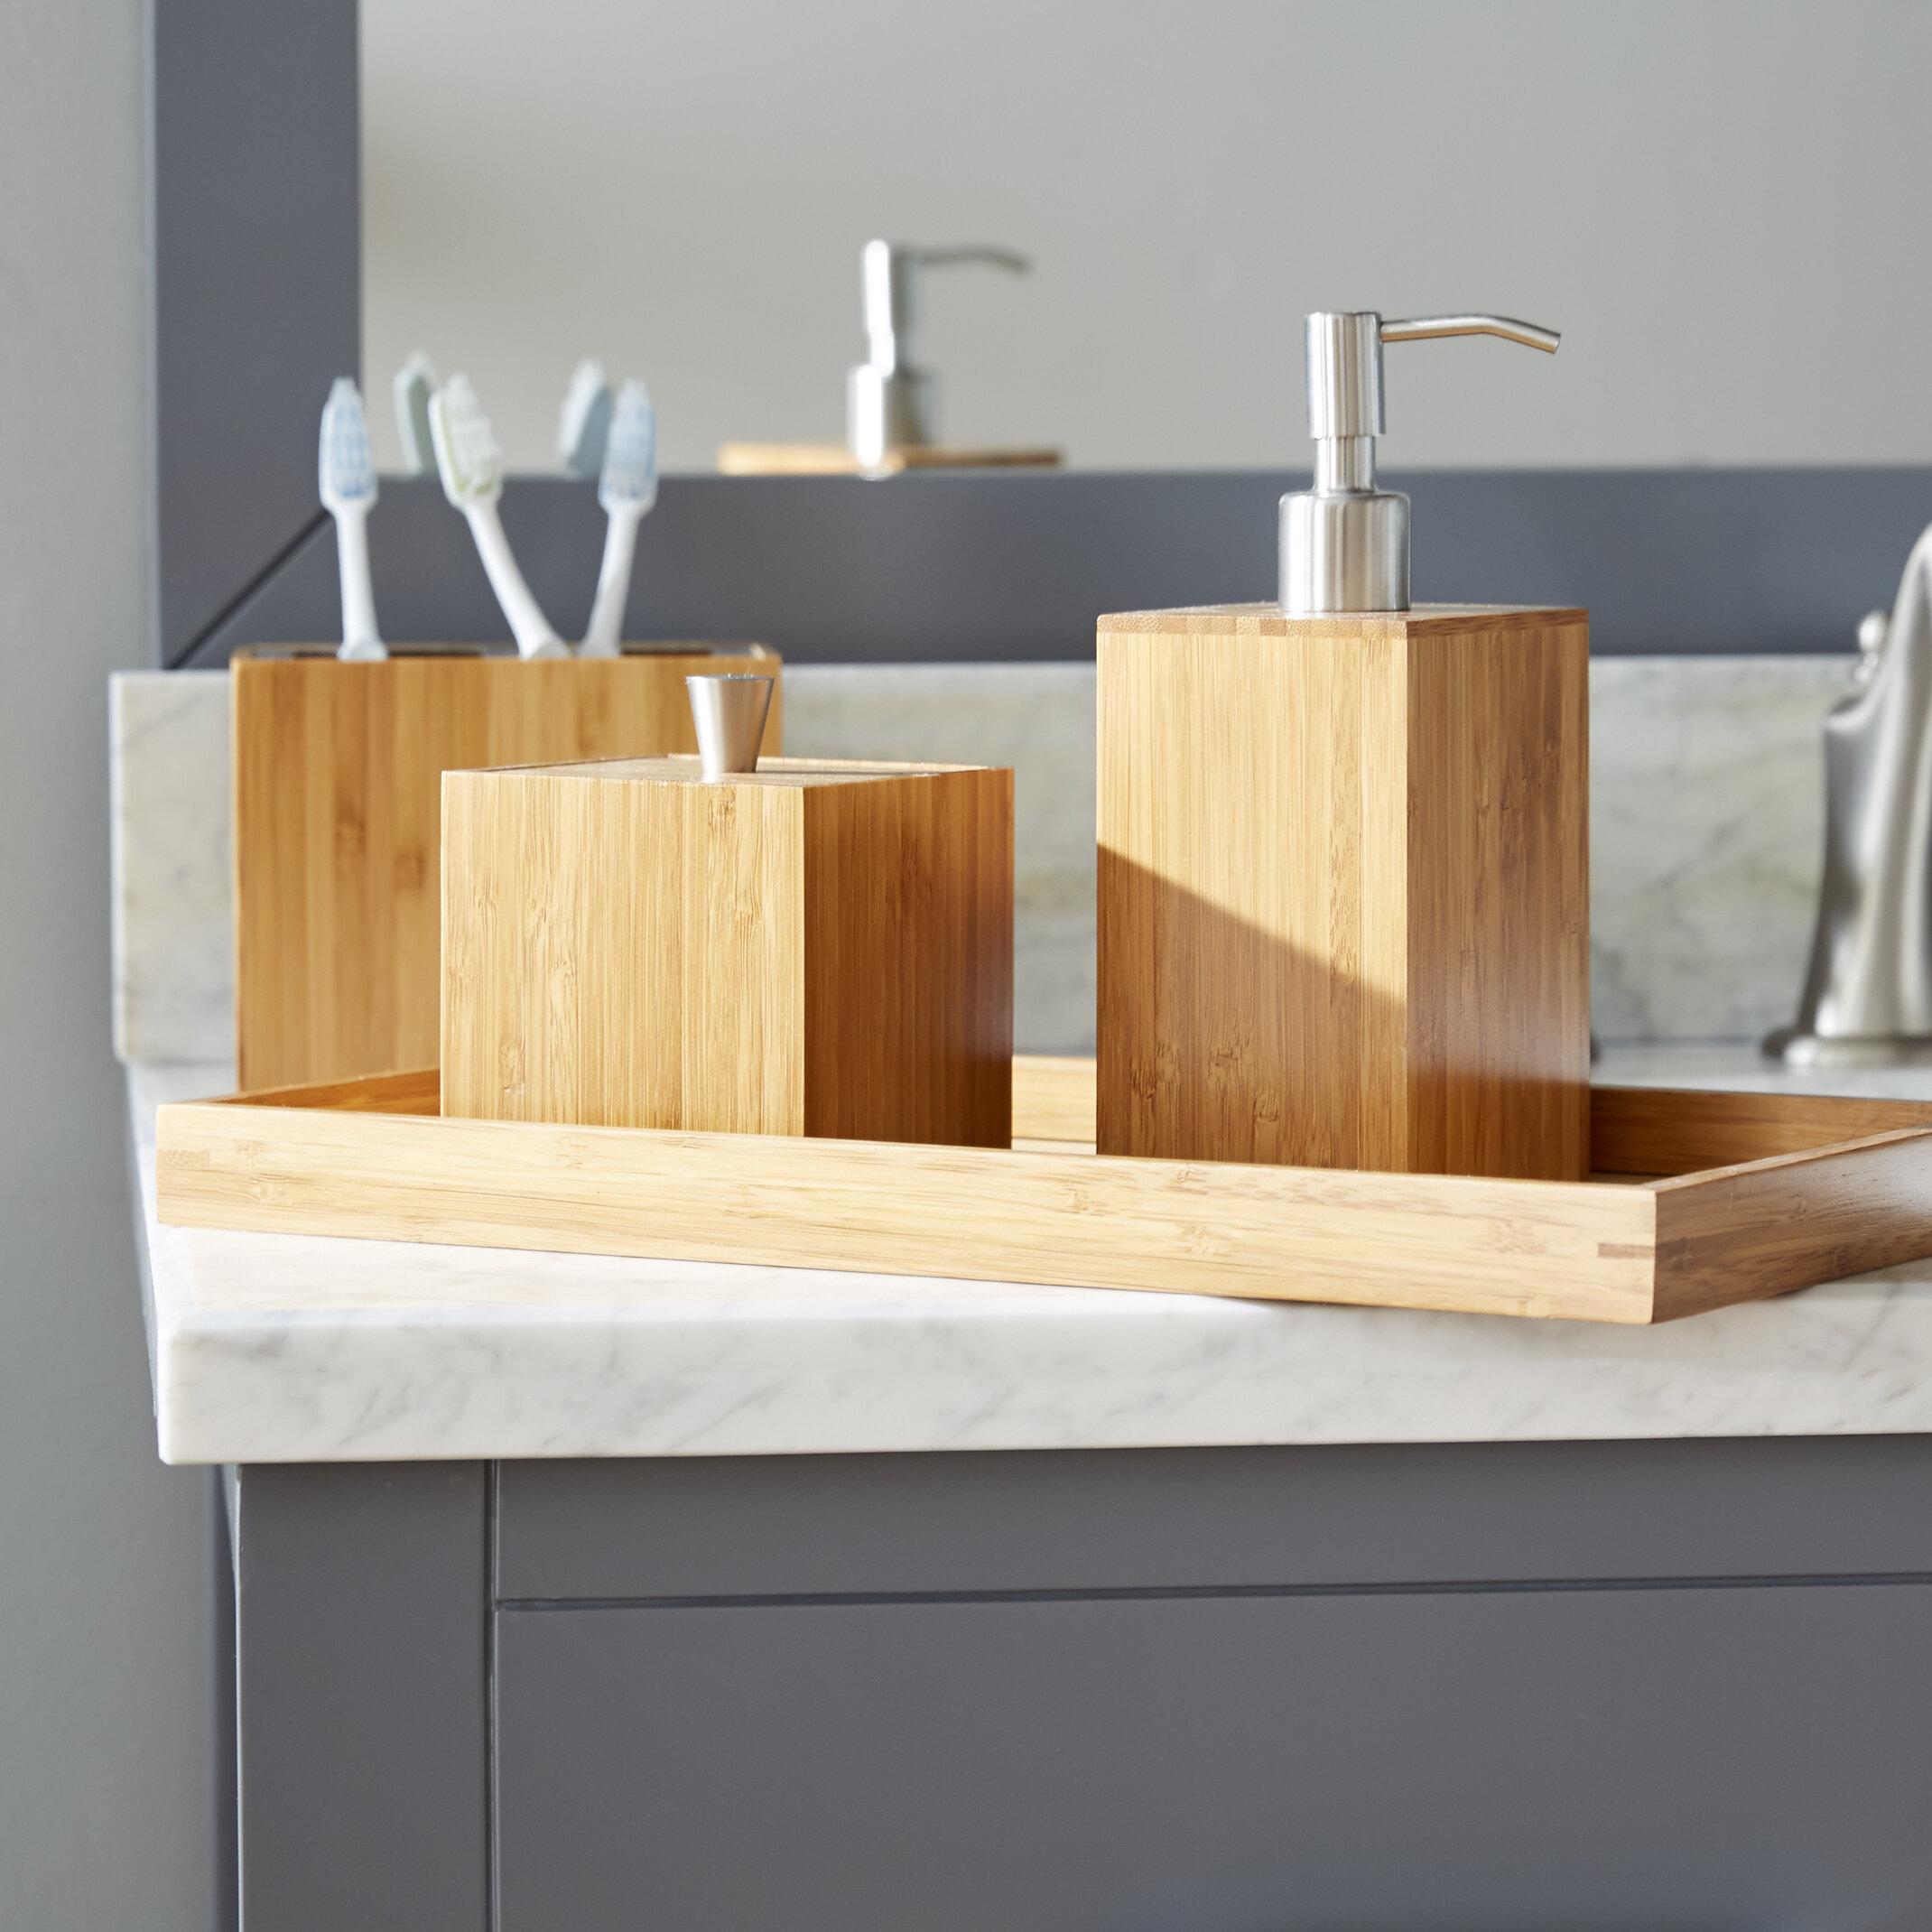 Teak Wood Bathroom Accessories | Wayfair